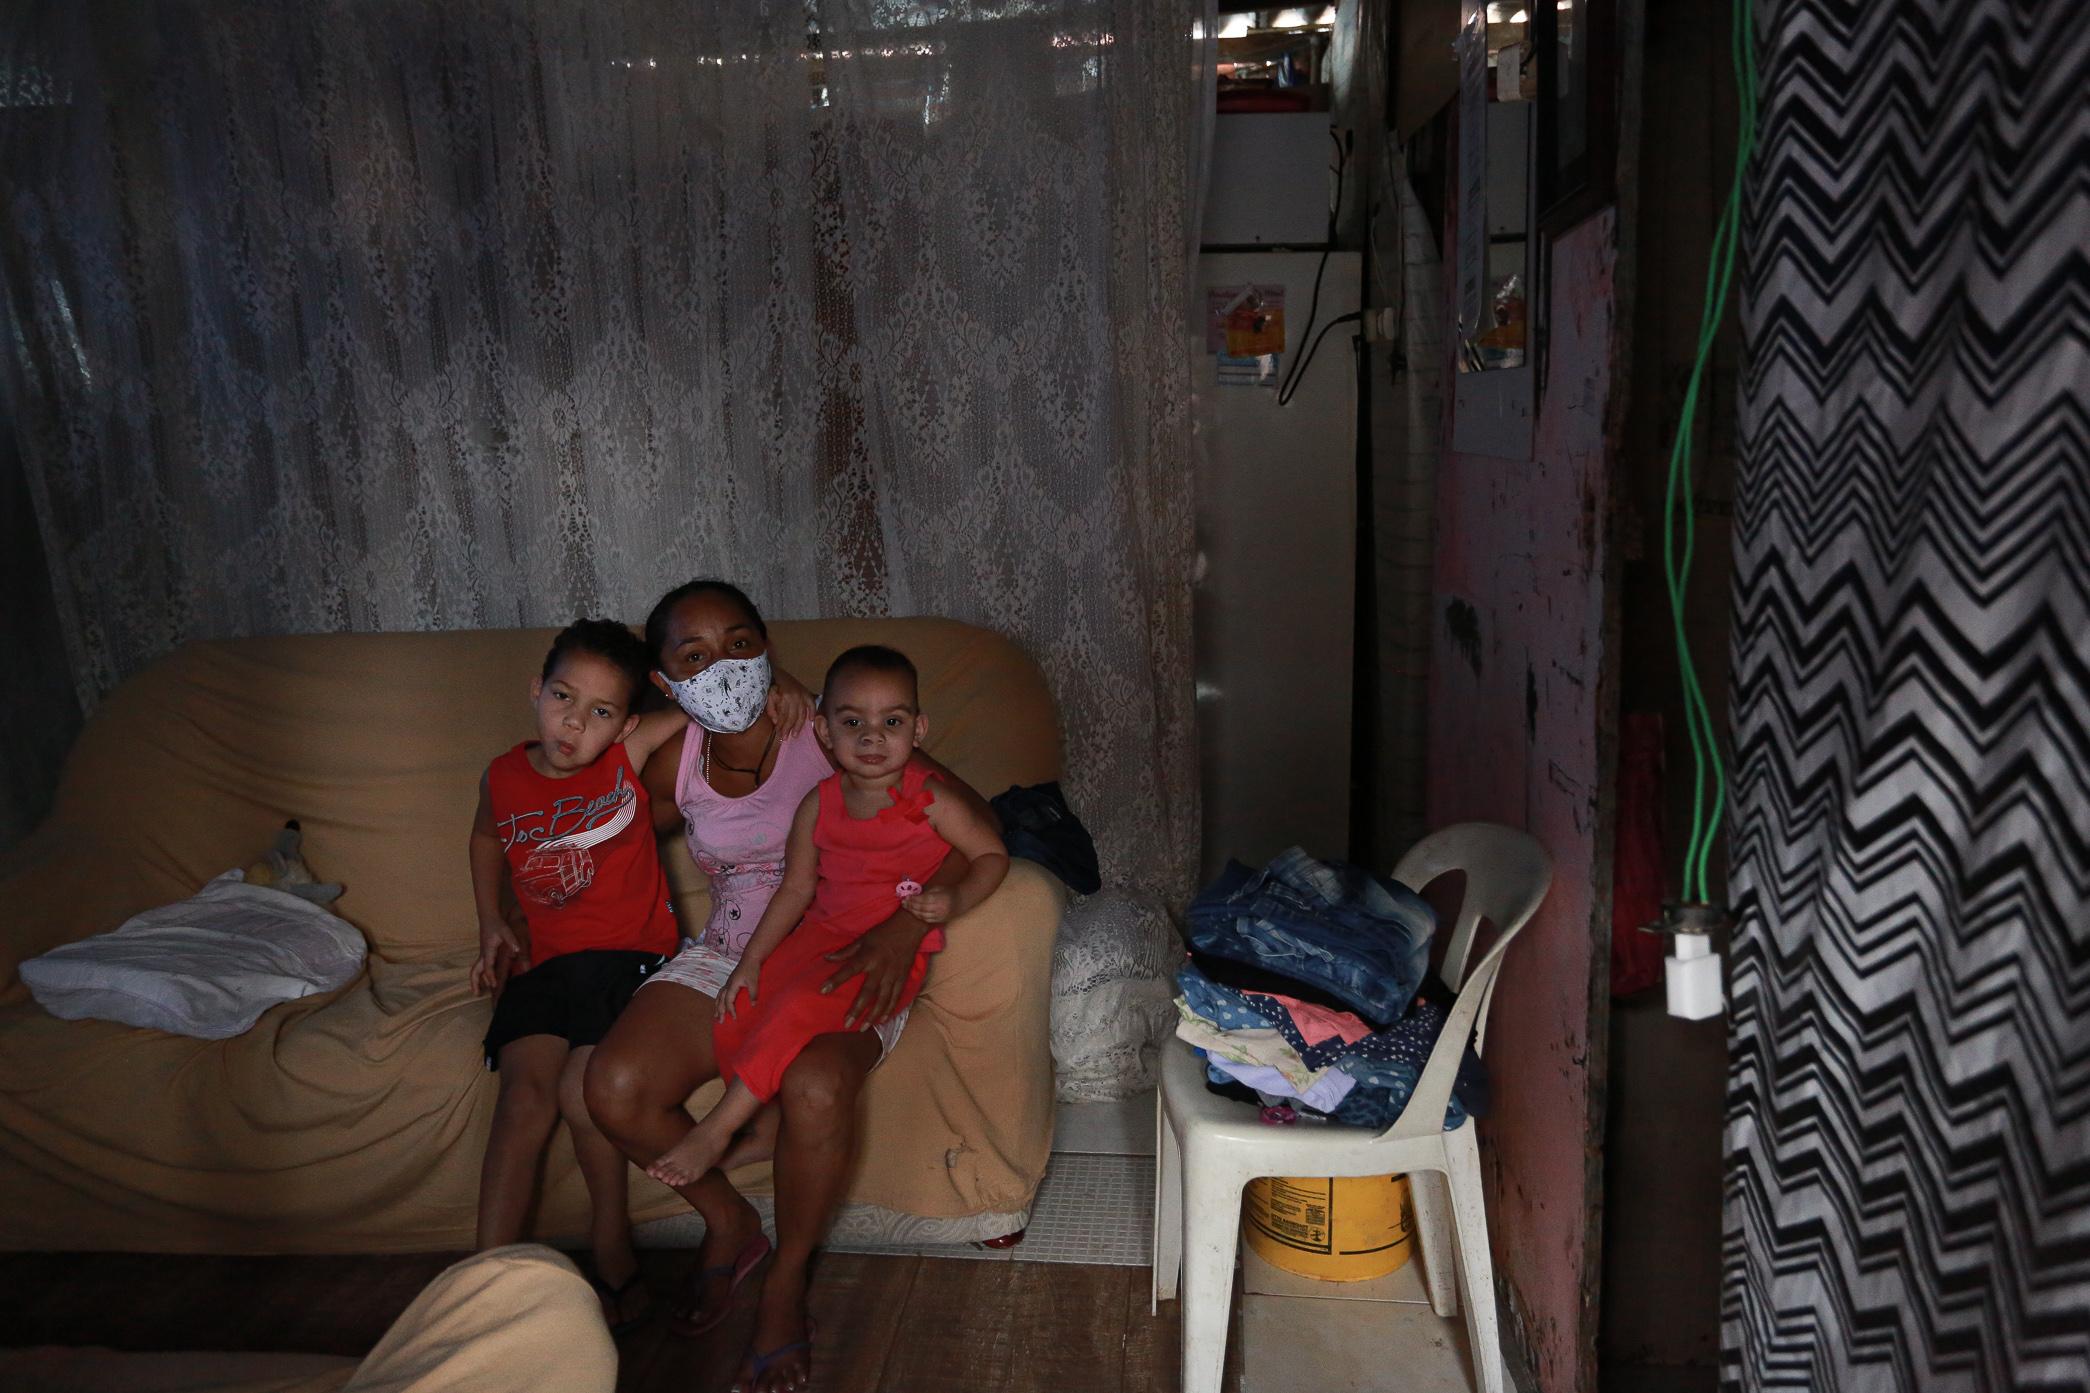 """Ana Cristina da Silva, 41: """"Moro na ocupação Elza Guimarães com meu neto, minha filha e minha esposa"""